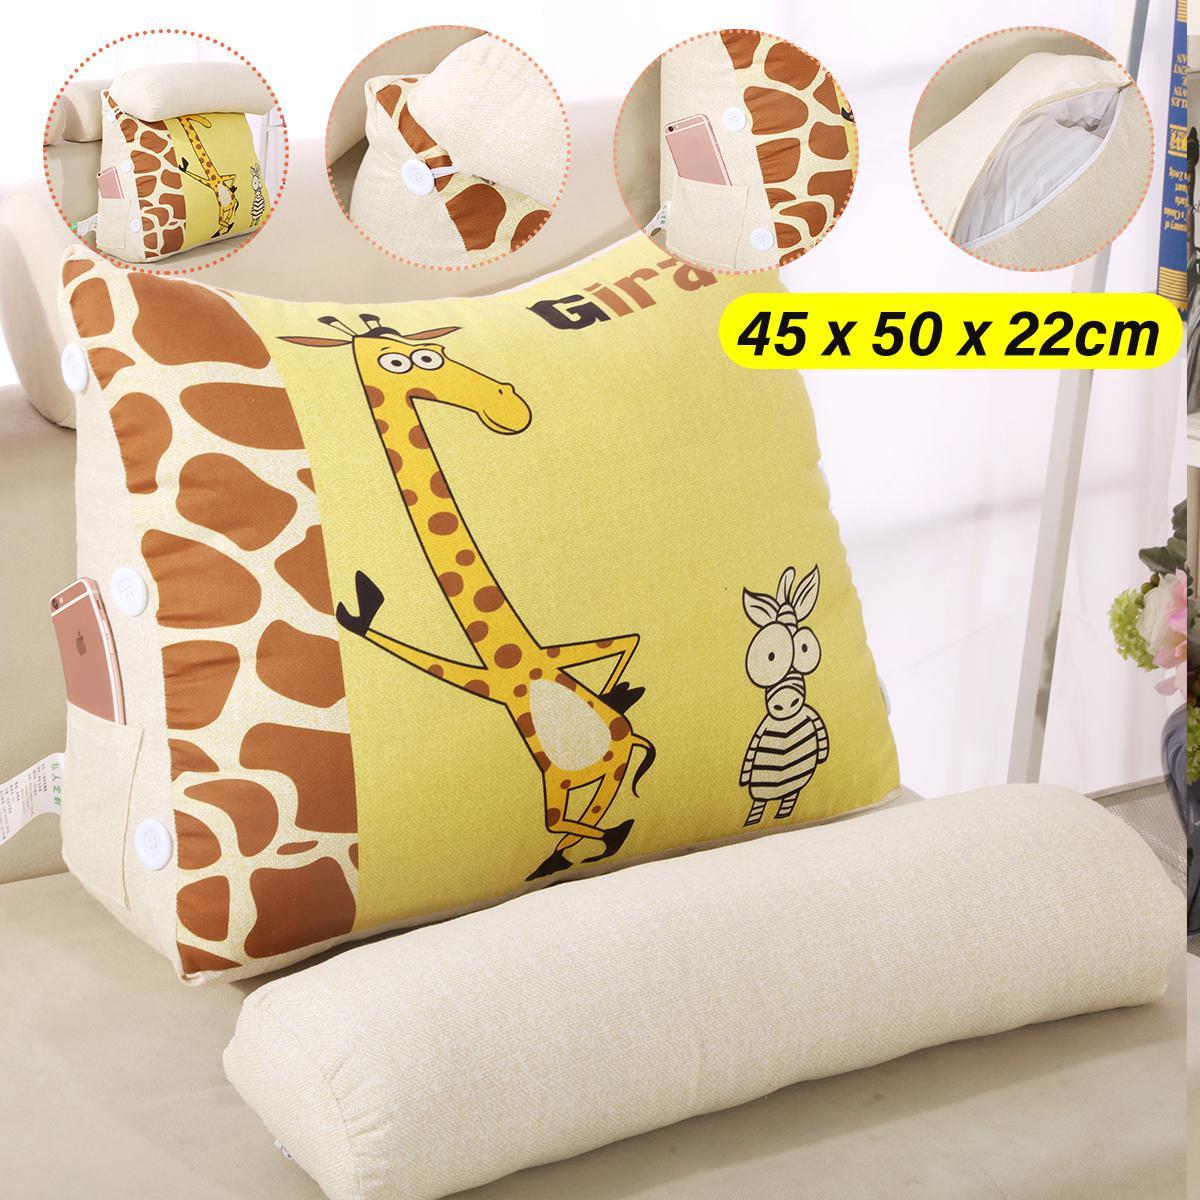 45cm 60cm Wedge Back Pillow Rest Sleep Neck Home Sofa Bed Lumbar Office Cushion 45cm Style A Matt Blatt